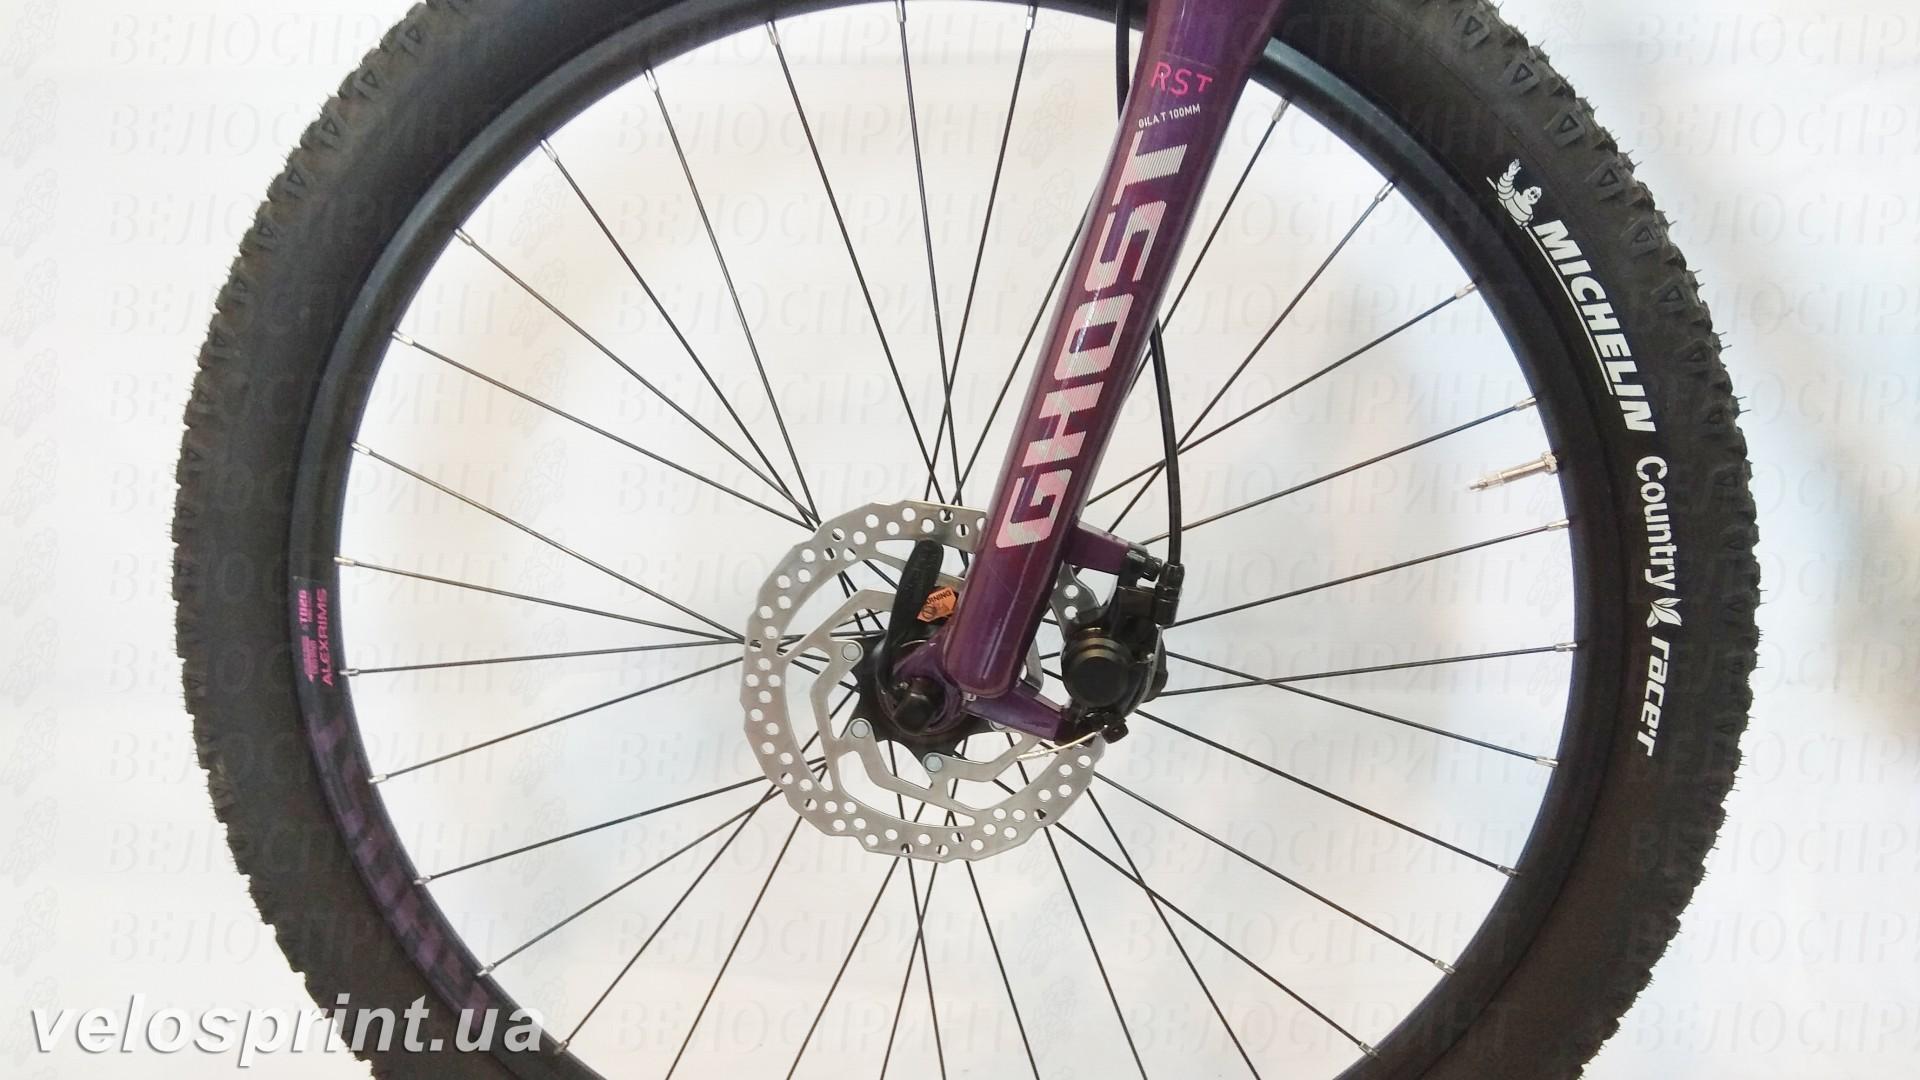 Велосипед GHOST Lawu 2 white/pink/purple передний тормоз год 2016